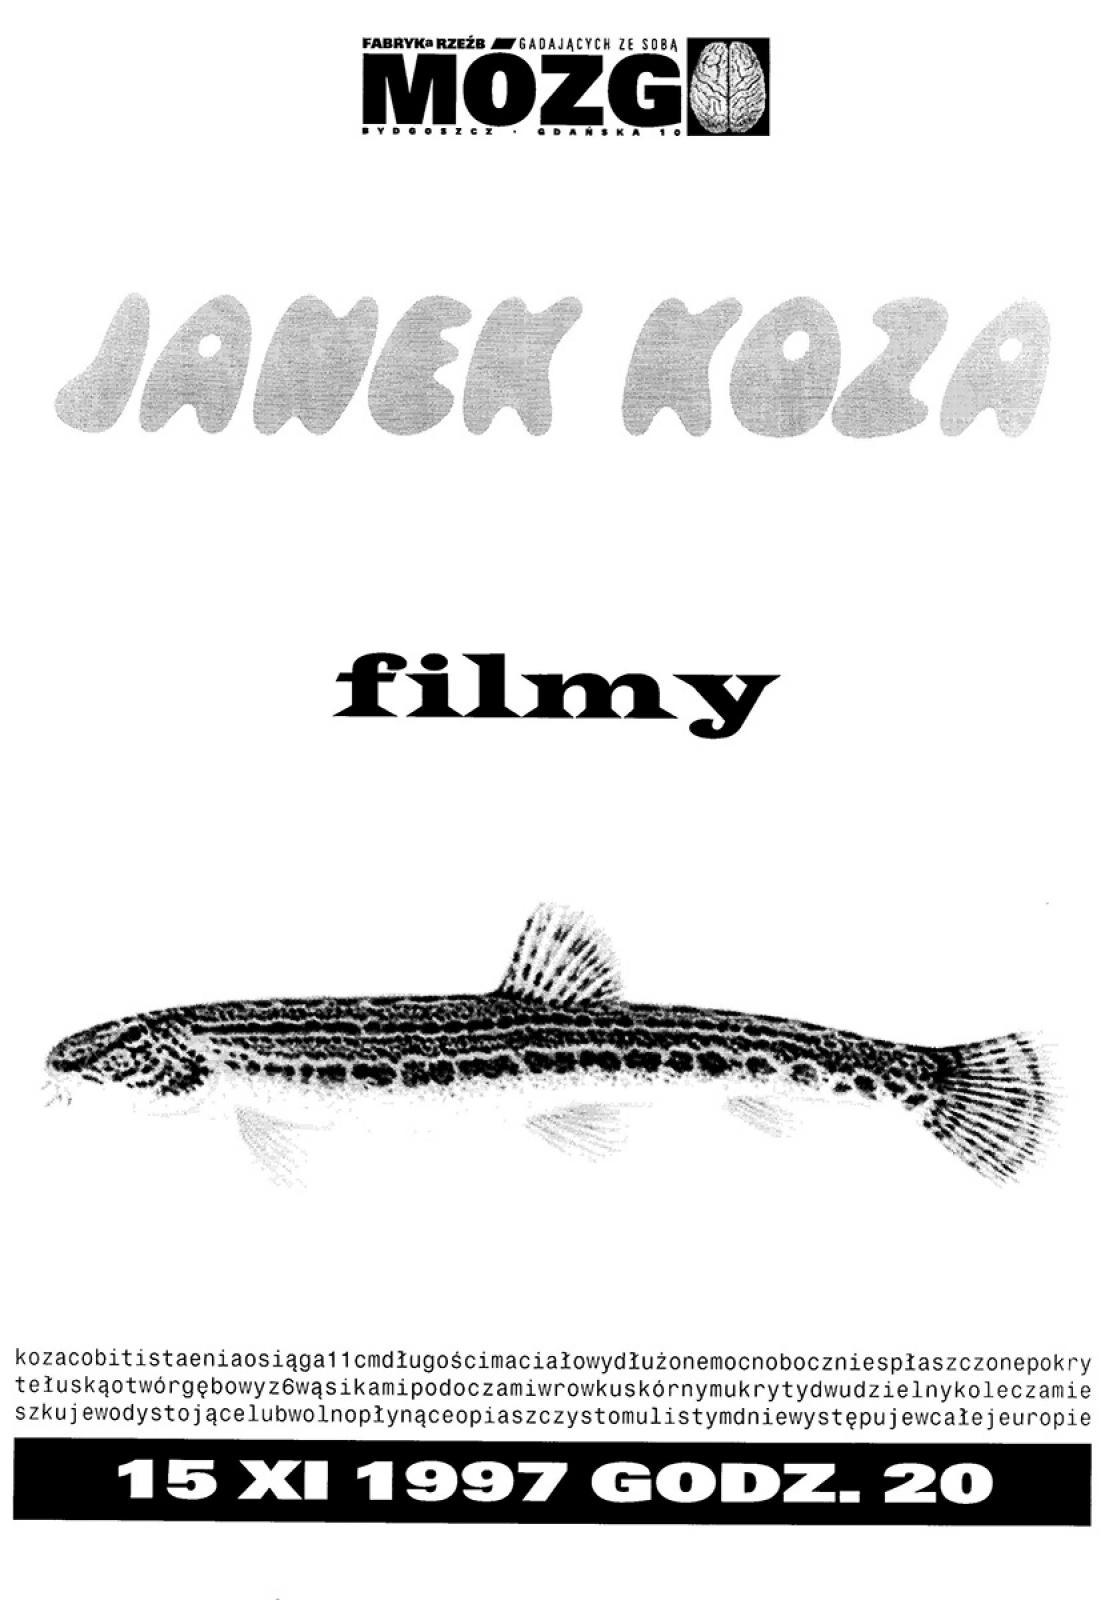 Janek Koza - pokaz filmów